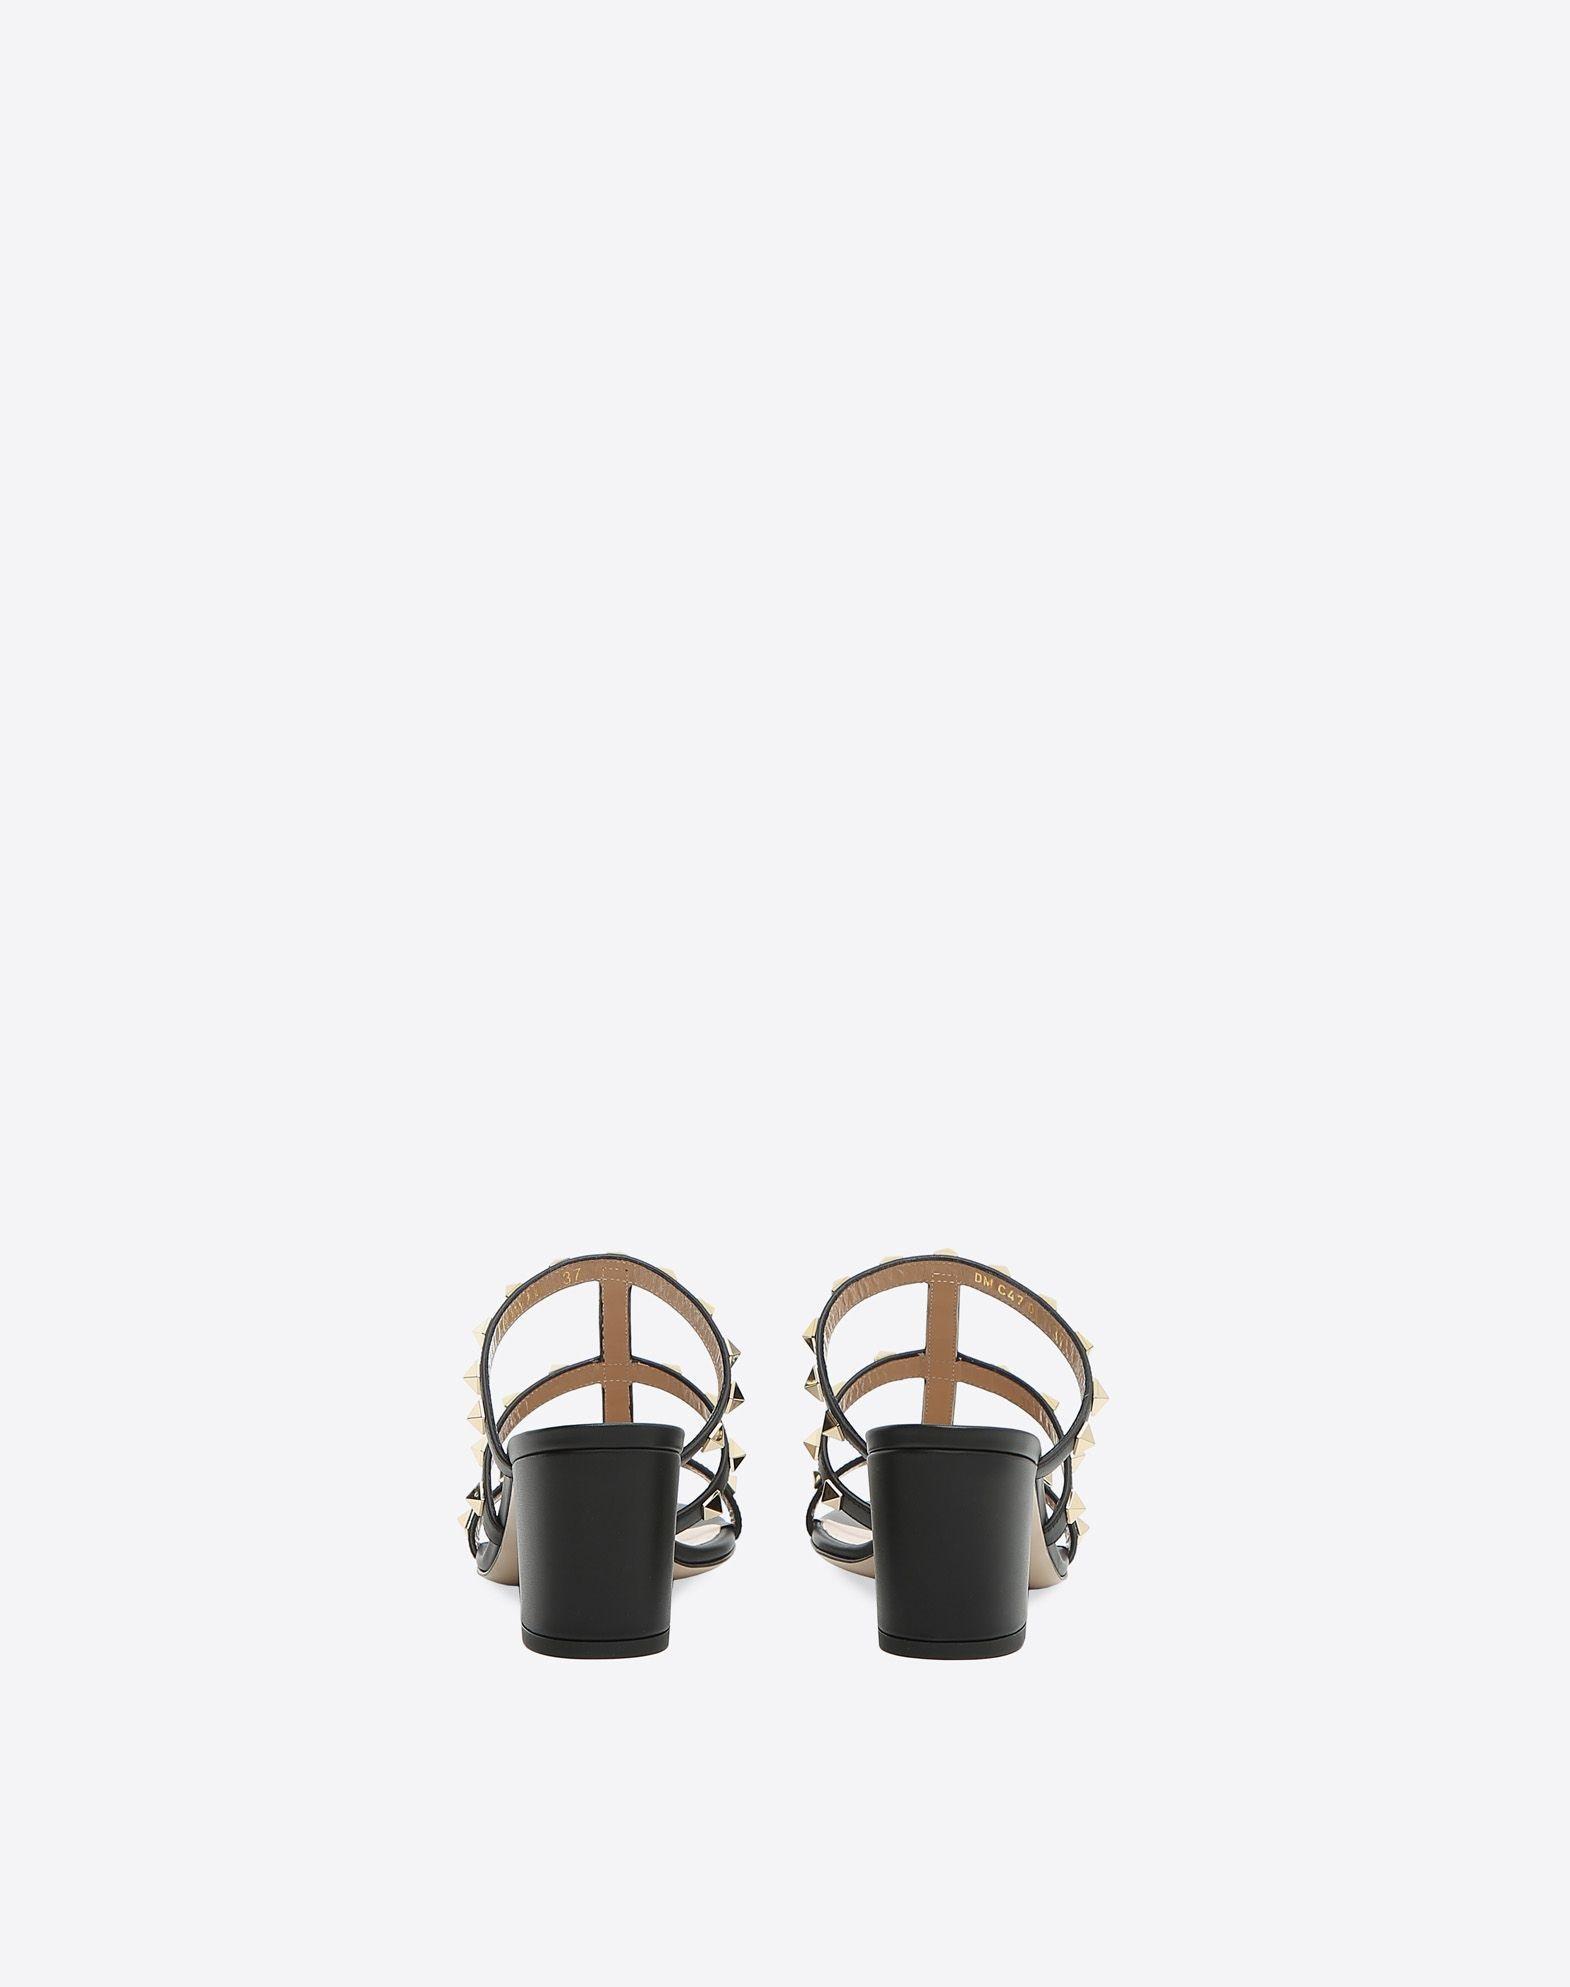 ashion homens mulheres sandálias desenhista sapatos luwomen saltos saltos bordados bordados sandália floral brocado chinelo flip flops chinelo causal de praia listrado